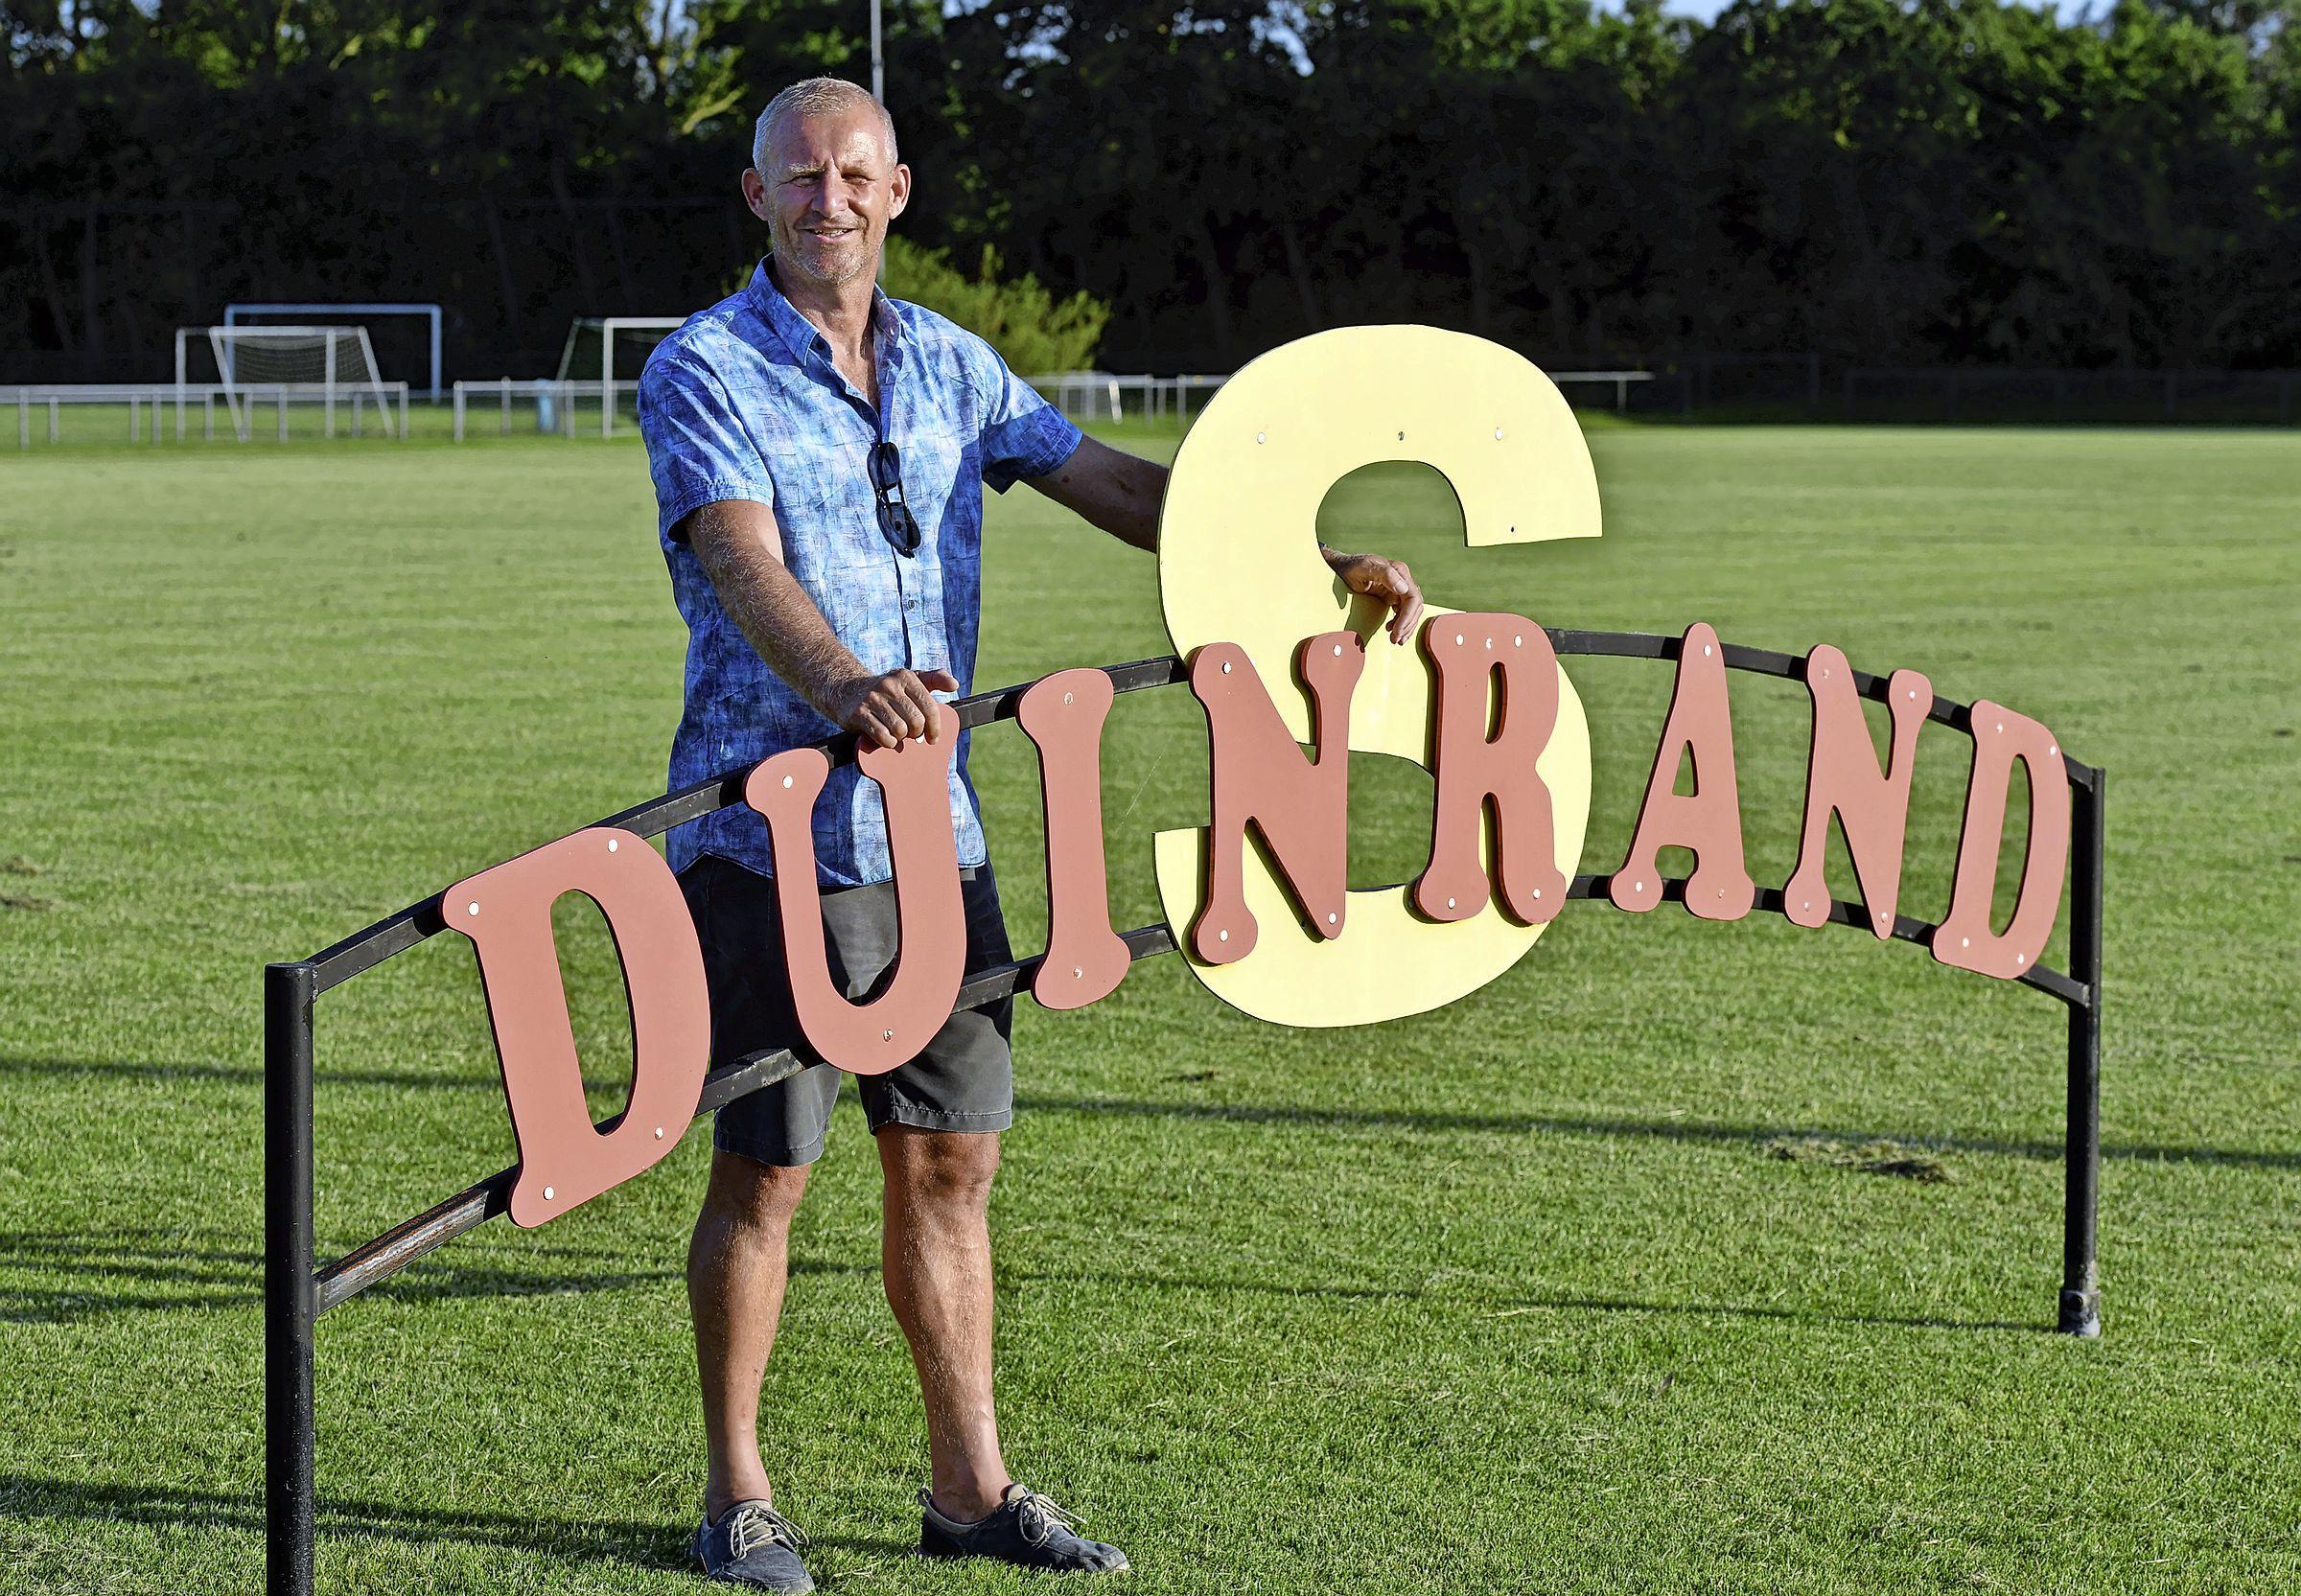 Dreun voor Duinrand S: oud-AZ'er Eric te Paske stopt bij Schoorlse vierdeklasser als hoofdtrainer